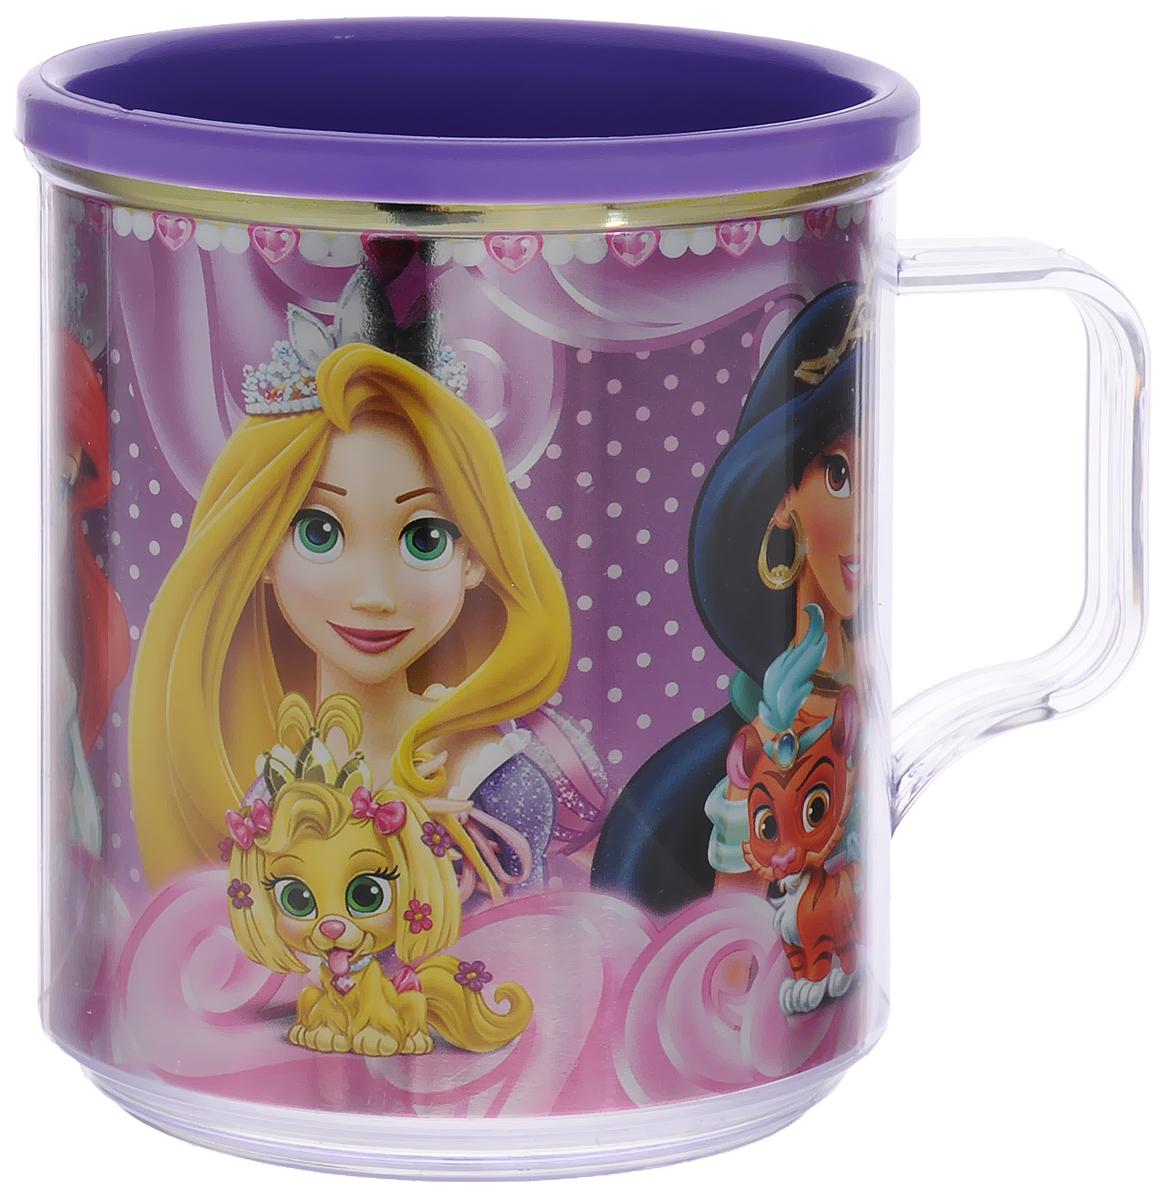 Disney Термокружка детская Принцессы Королевские питомцы цвет фиолетовый 350 млС25-П5_фиолетовыйДвустенная термокружка Принцессы. Королевские питомцы от Disney станет отличным подарком для малыша. Термокружка позволит длительное время сохранять напиток теплым, а яркое металлизированное изображение знаменитых диснеевских принцесс с их домашними любимцами поднимет настроение и детям, и взрослым. Объем кружки: 350 мл. Не подходит для использования в посудомоечной машине и СВЧ-печи.